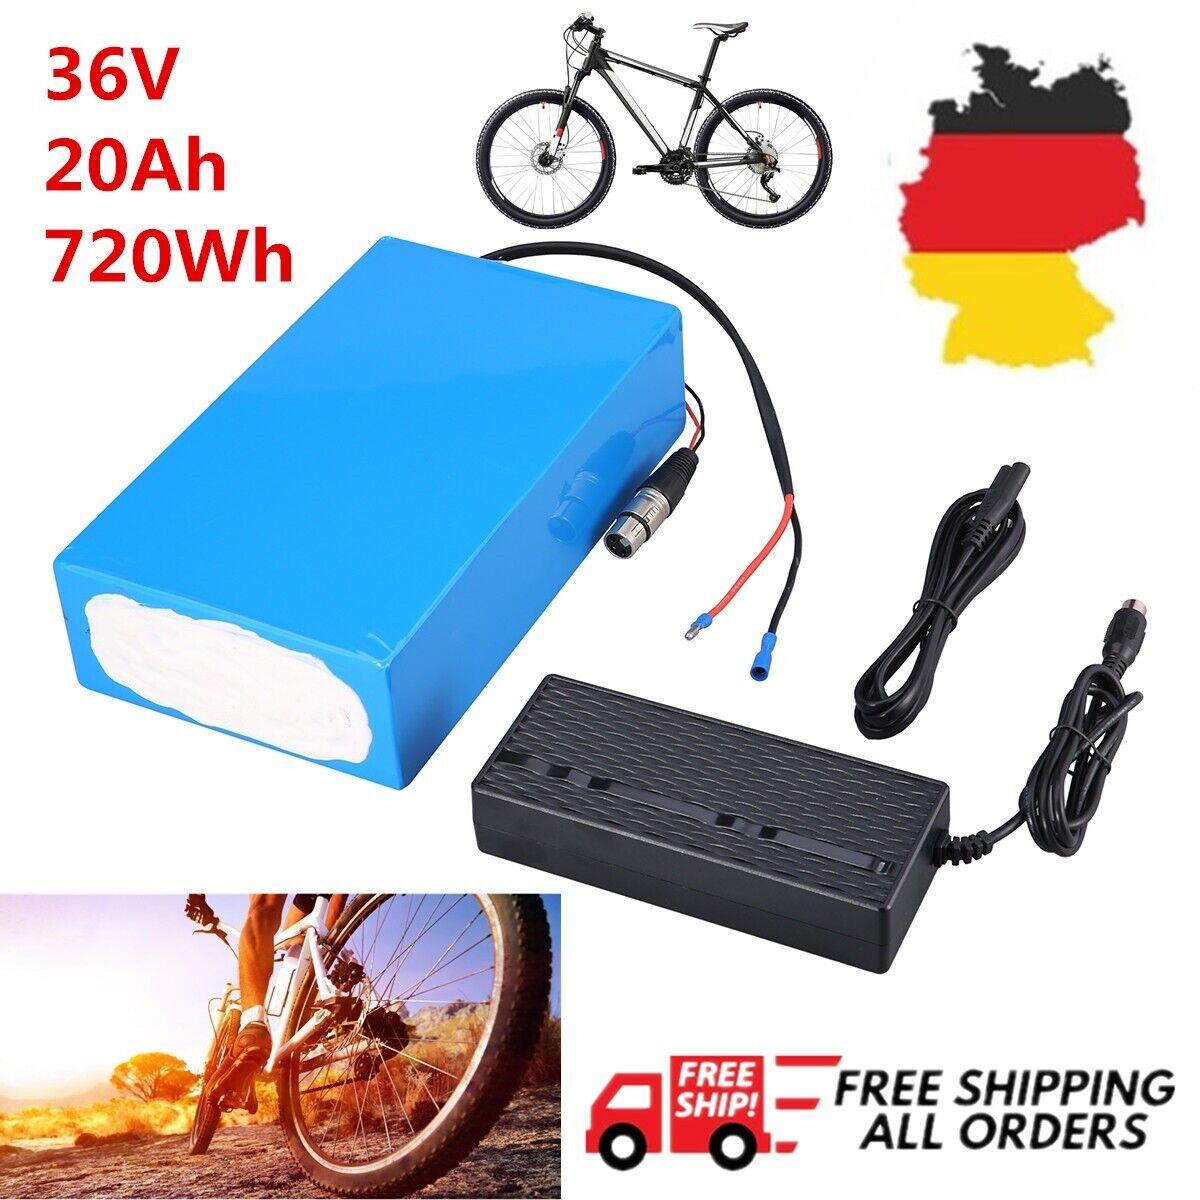 36v 20ah 720wh ebike bicicletta elettrica batteria Liion Batteria Pedelec 2a CARICABATTERIE